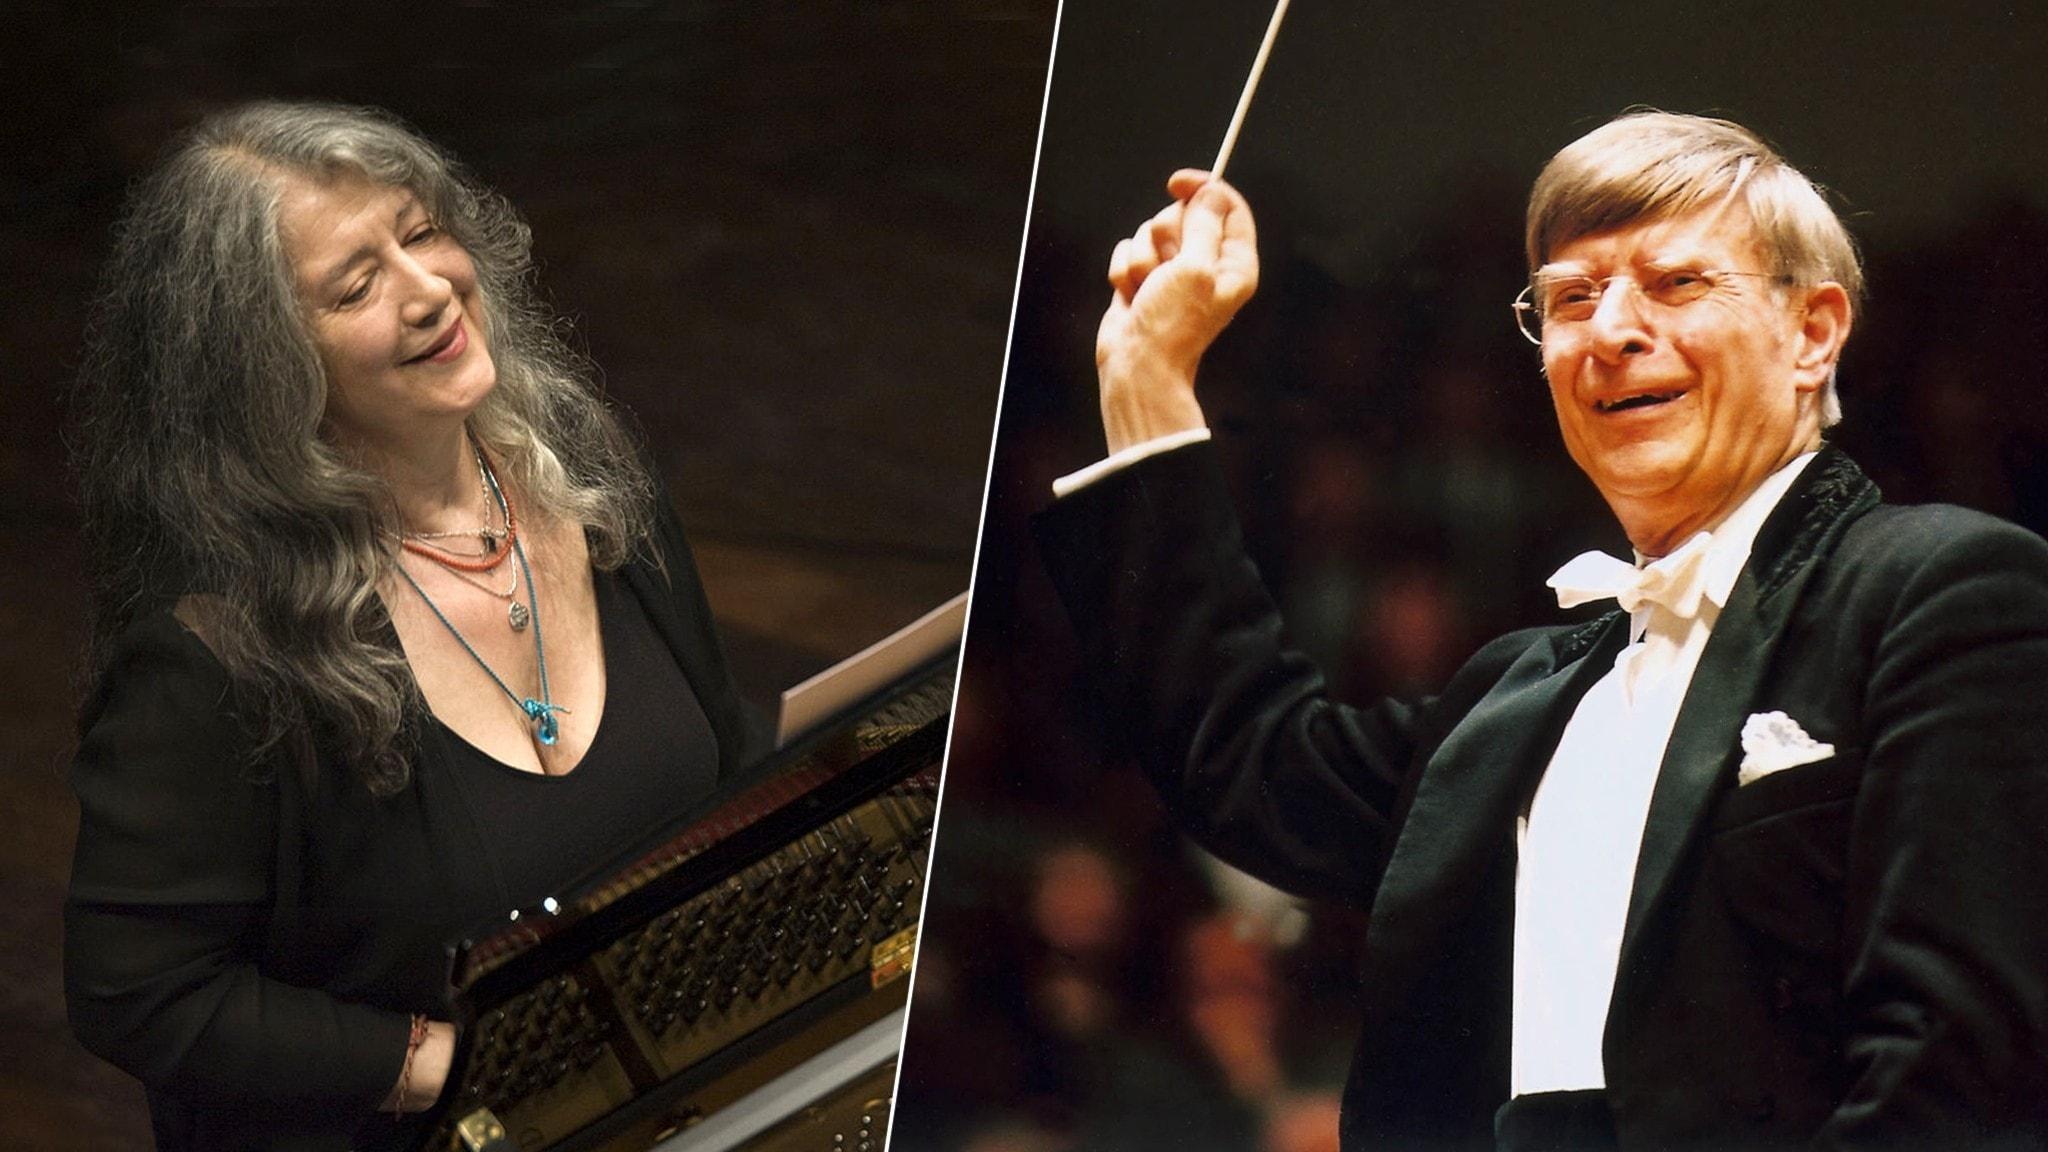 DIREKT: Herbert Blomstedt och Martha Argerich i Beethovens första pianokonsert